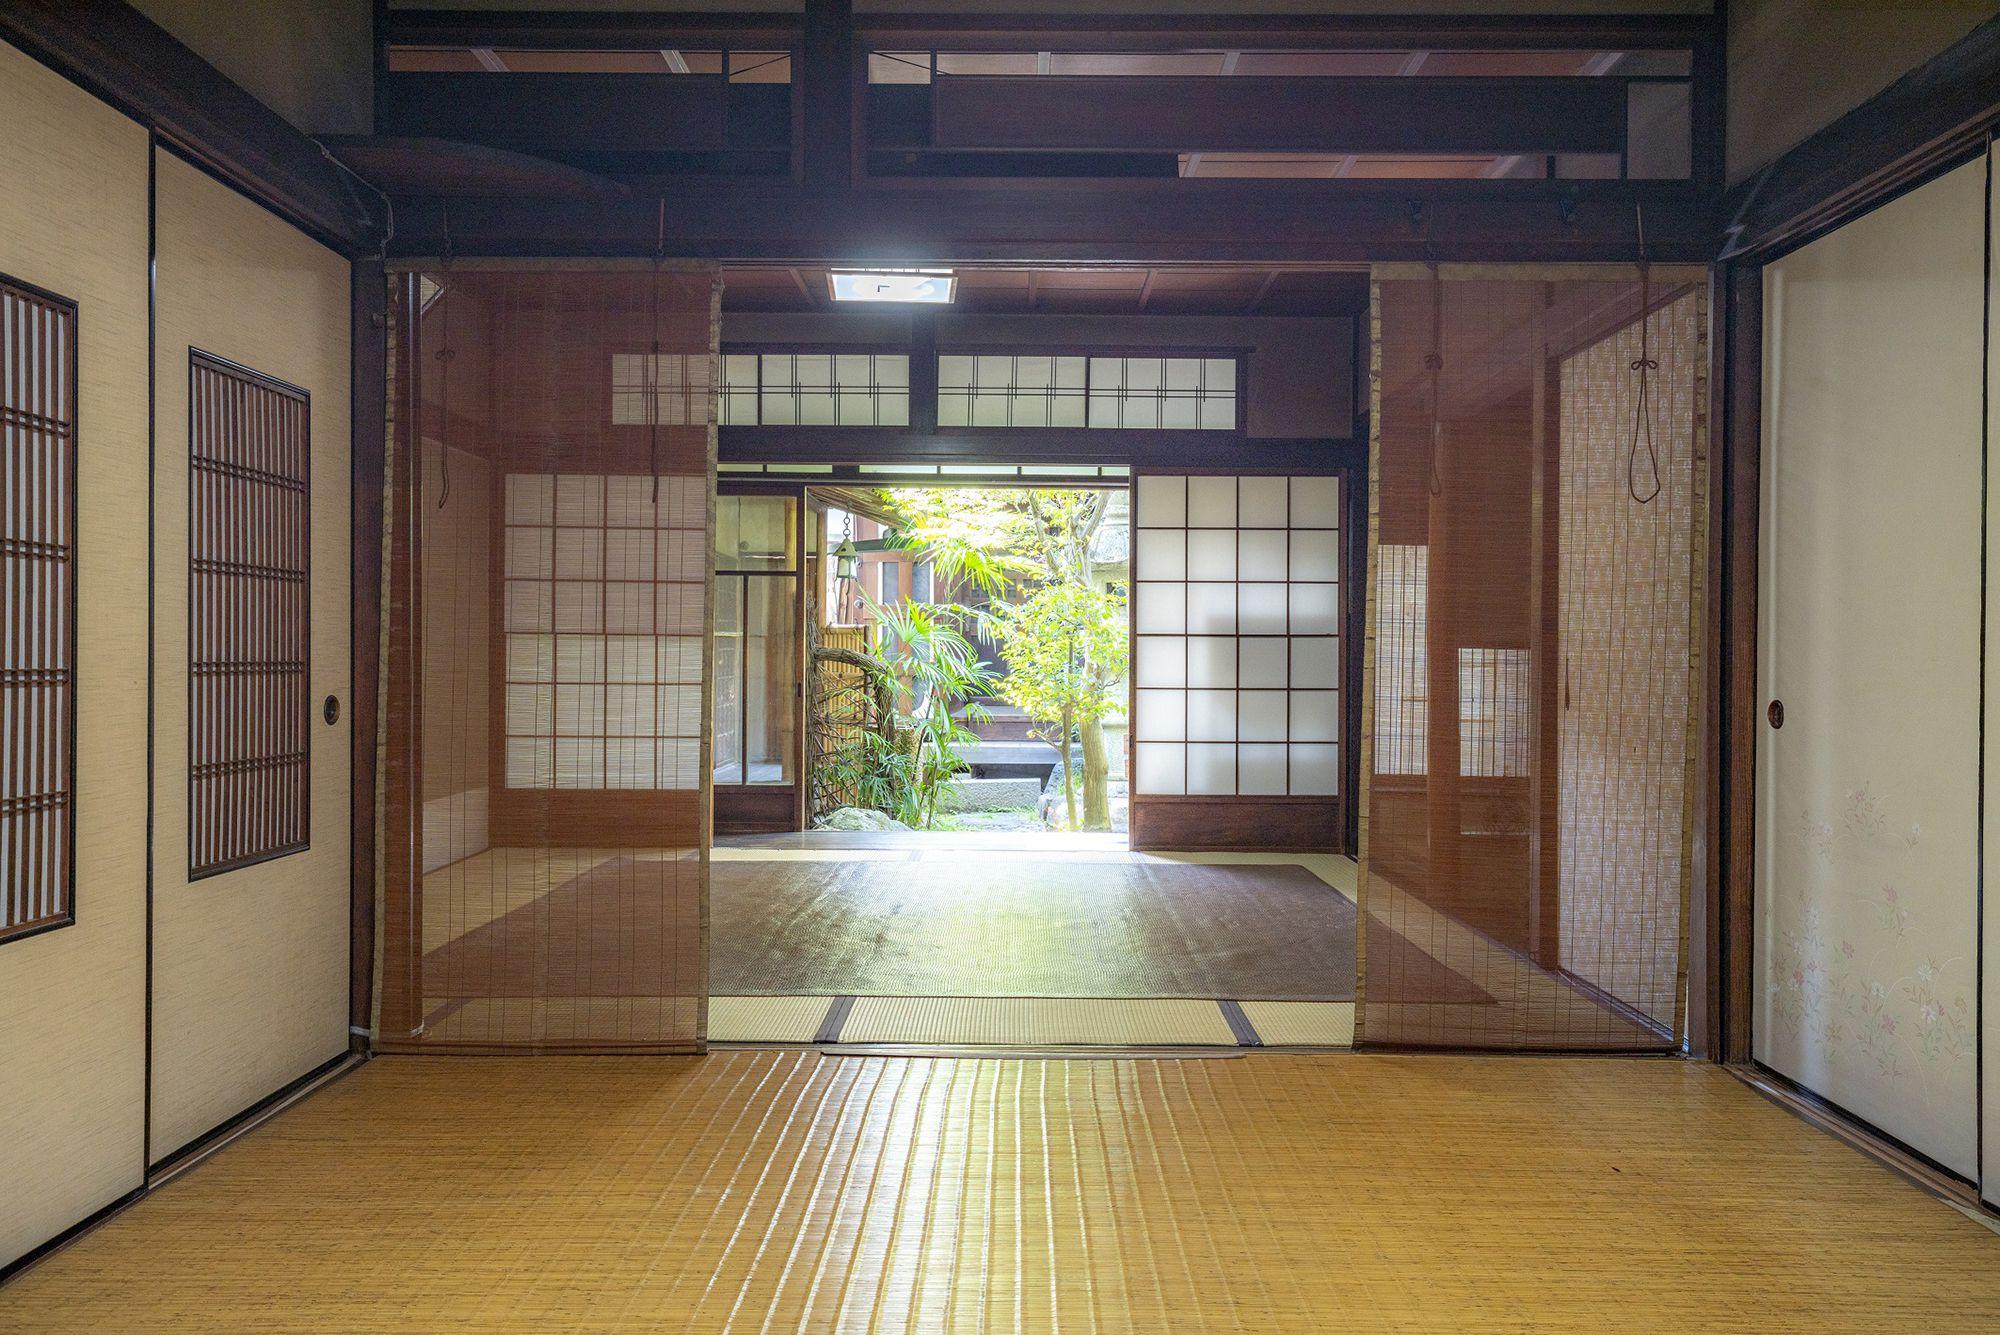 「藤野家住宅」の内部は、平屋の表側棟と二階建ての居住棟を玄関棟でつなぐ構成。